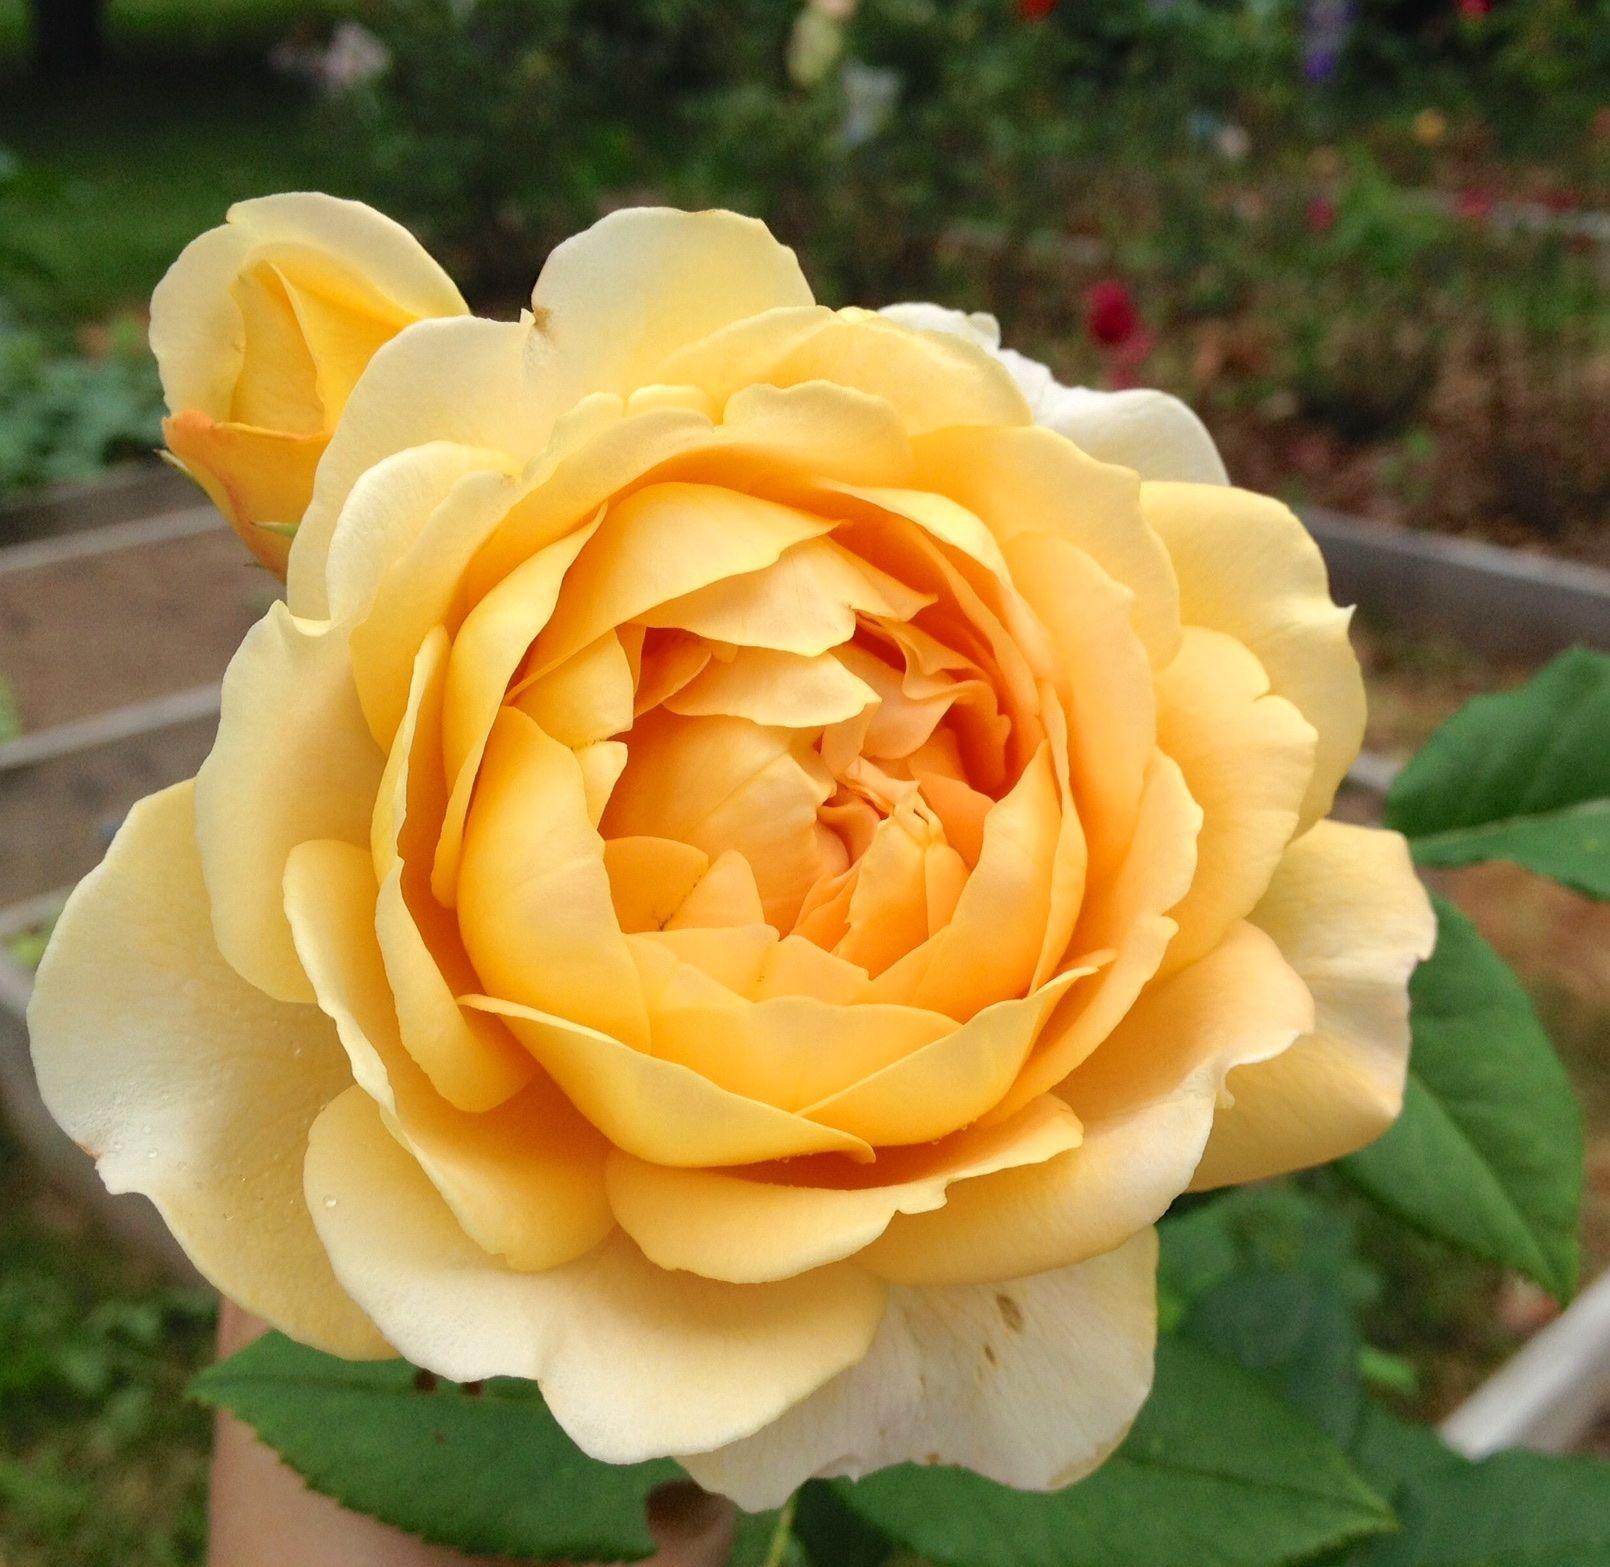 David austin rose golden celebration rose color meanings